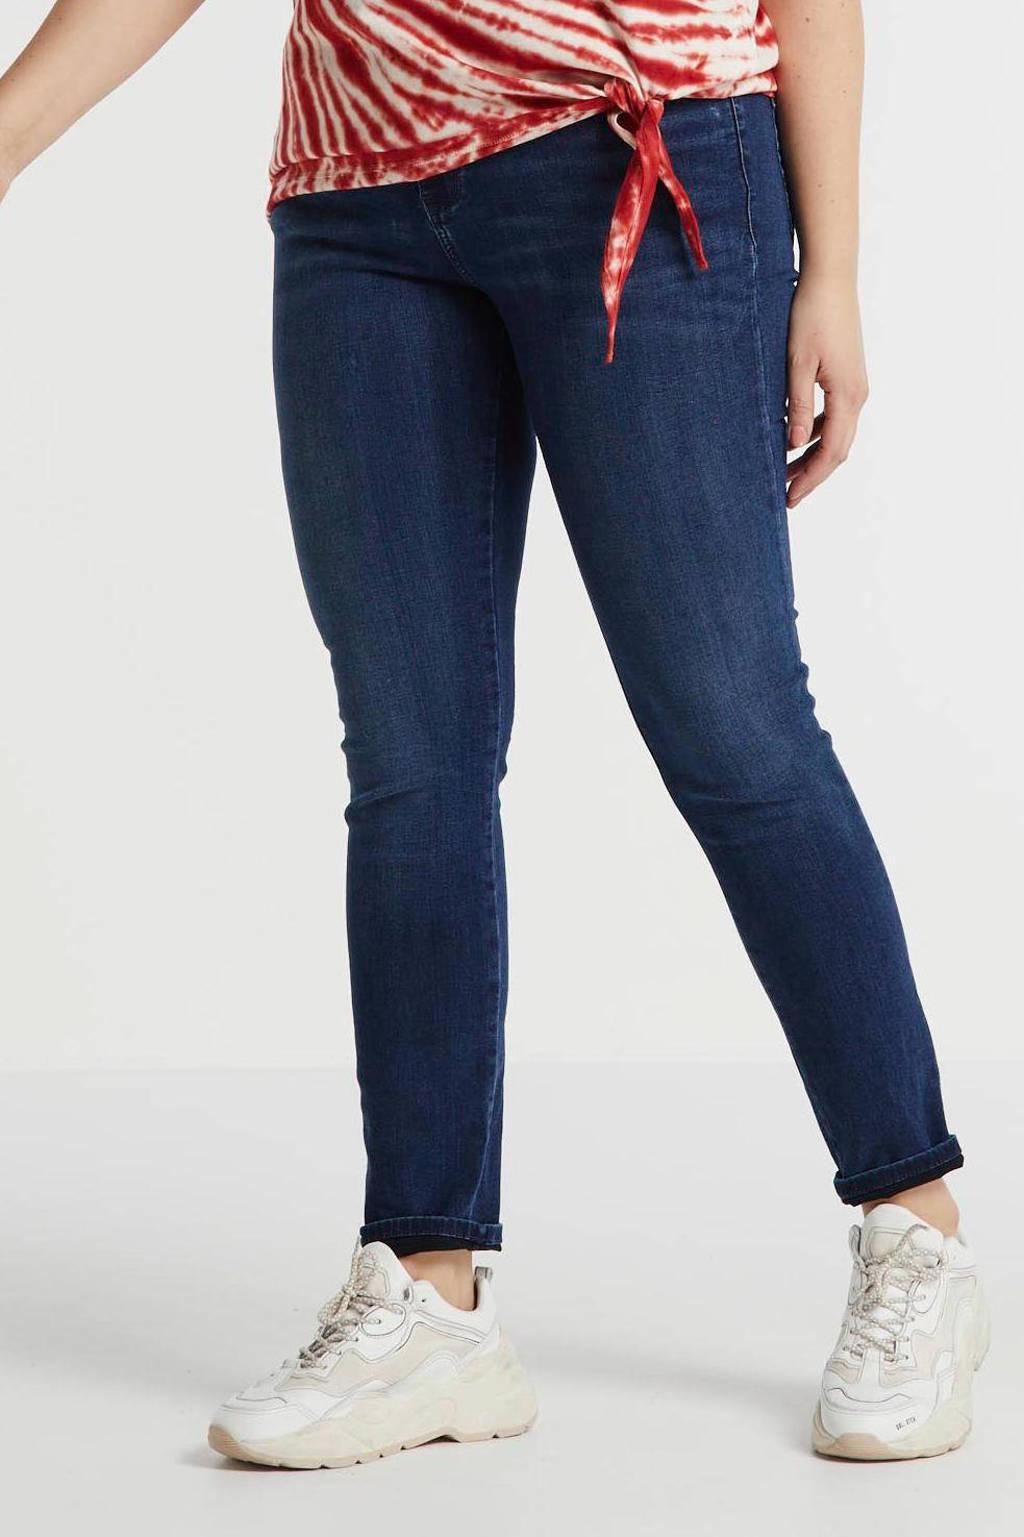 LTB low waist slim fit jeans Vivien nohra wash, 52194 Nohra wash